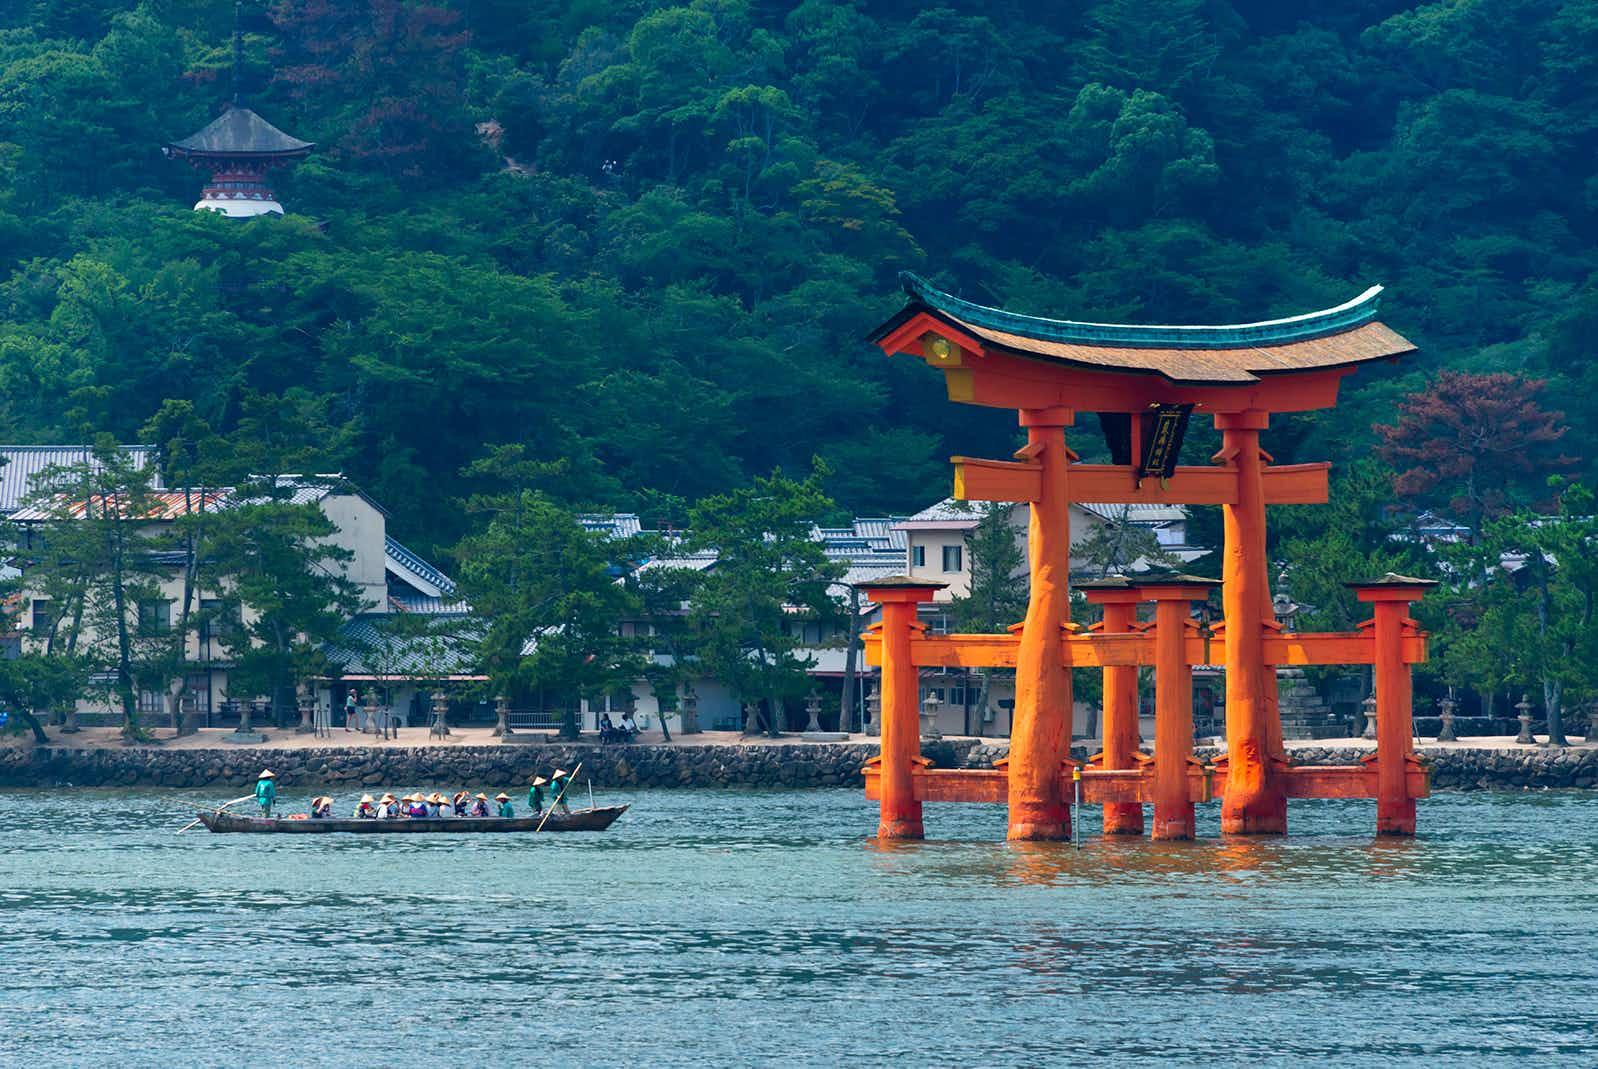 A boat near the Torii Gate of Itsukushima Jinja Shrine during the Kangen-sai Festival in Miyajima, Japan © Keren Su / Getty